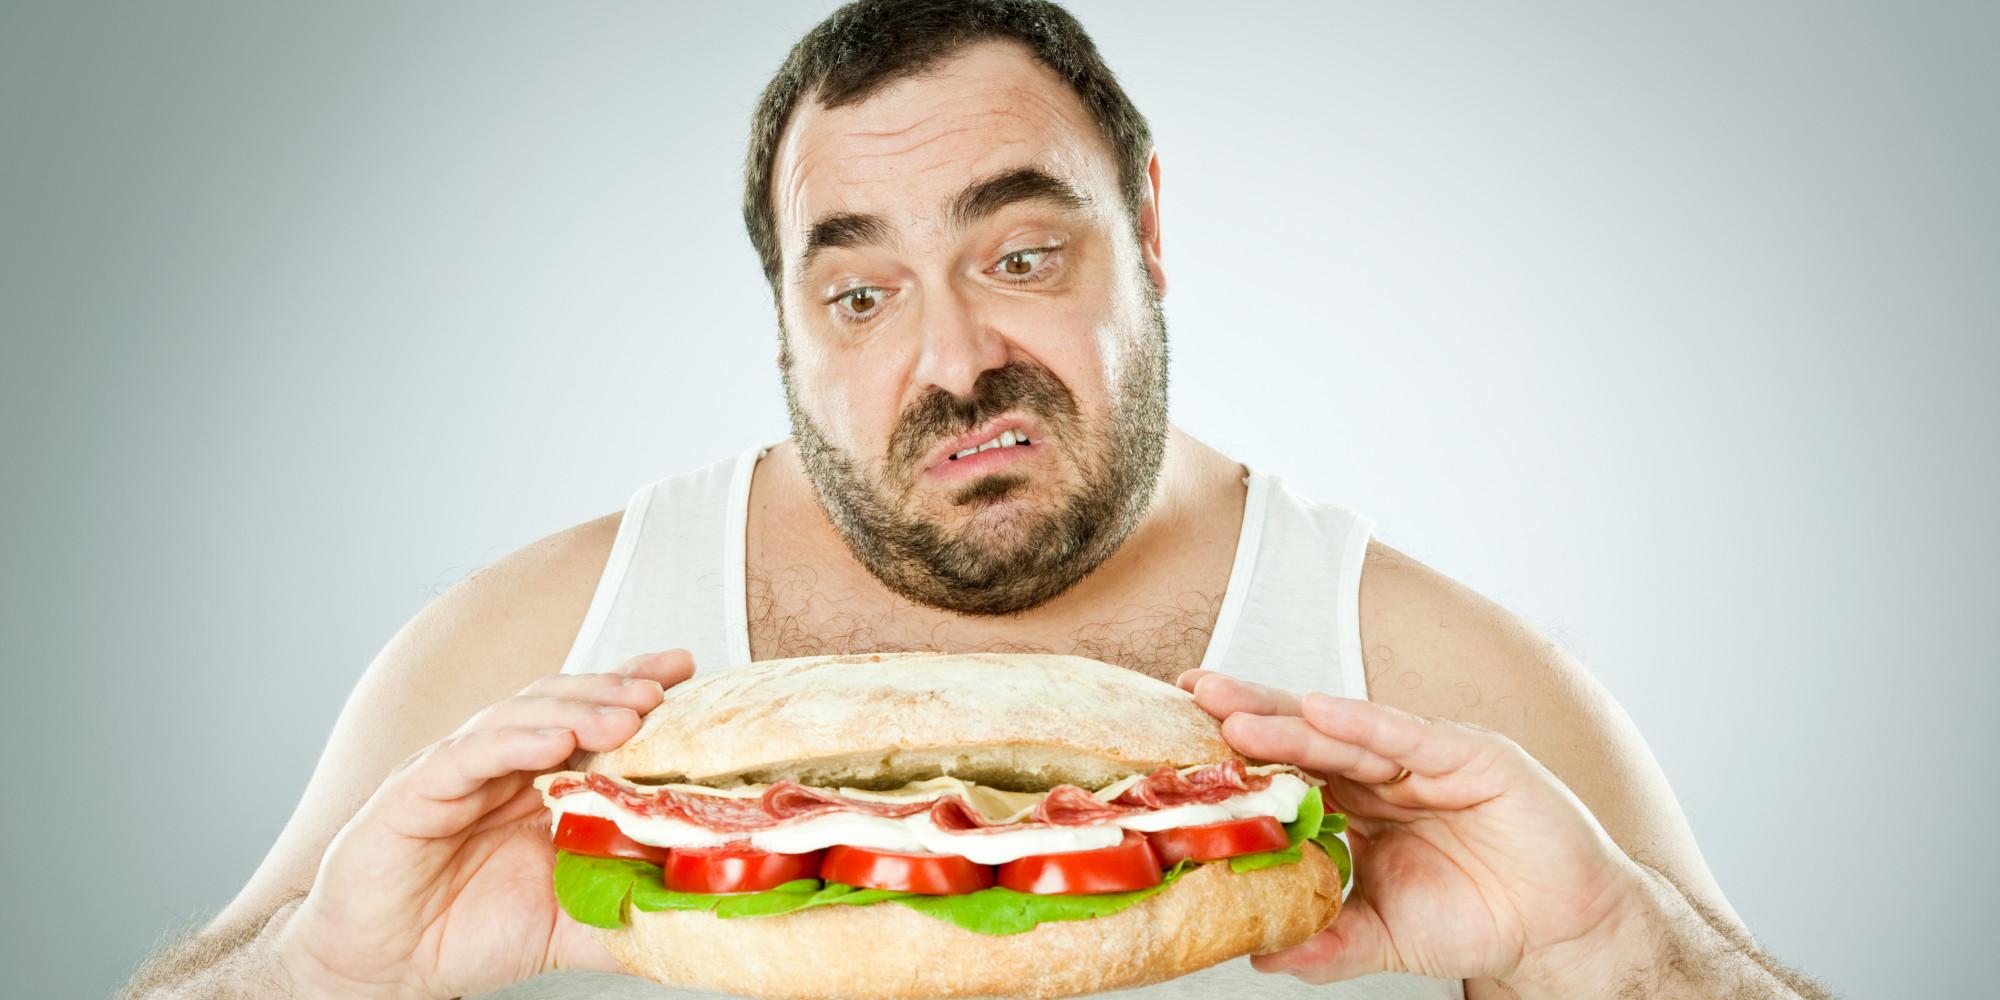 Man eats an enormous roll